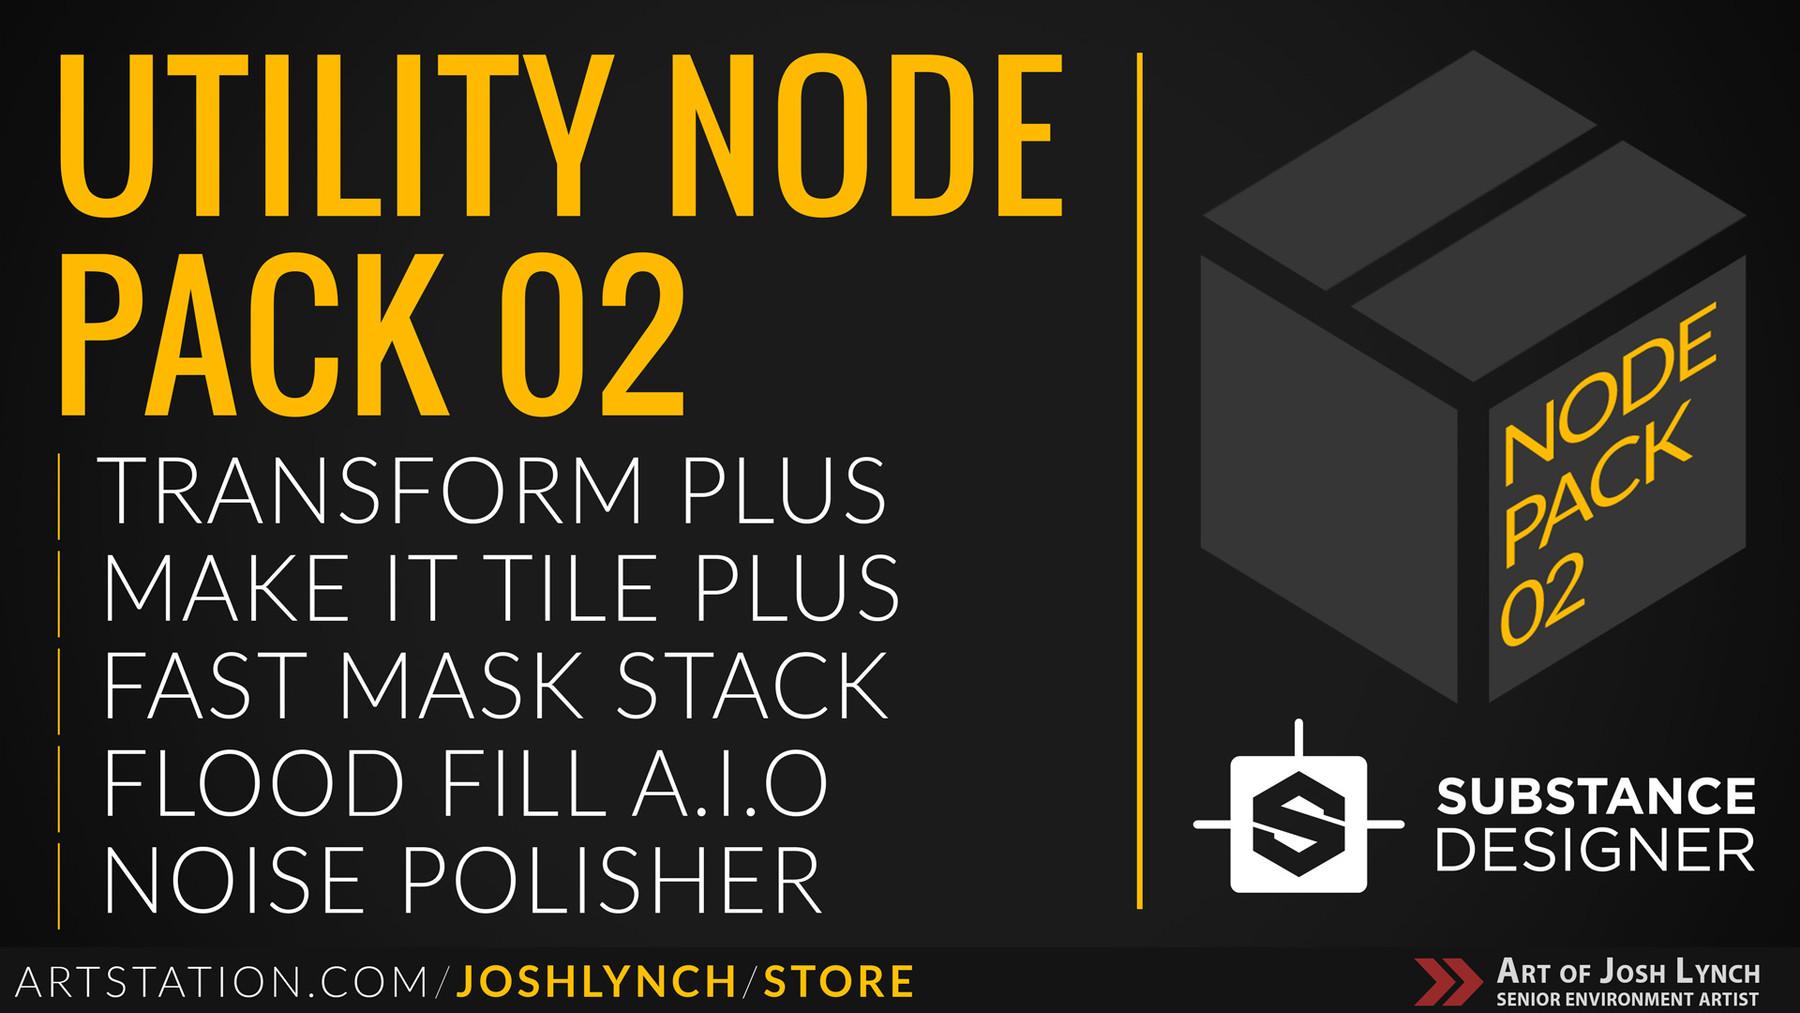 Utility node pack 02 artstation wide